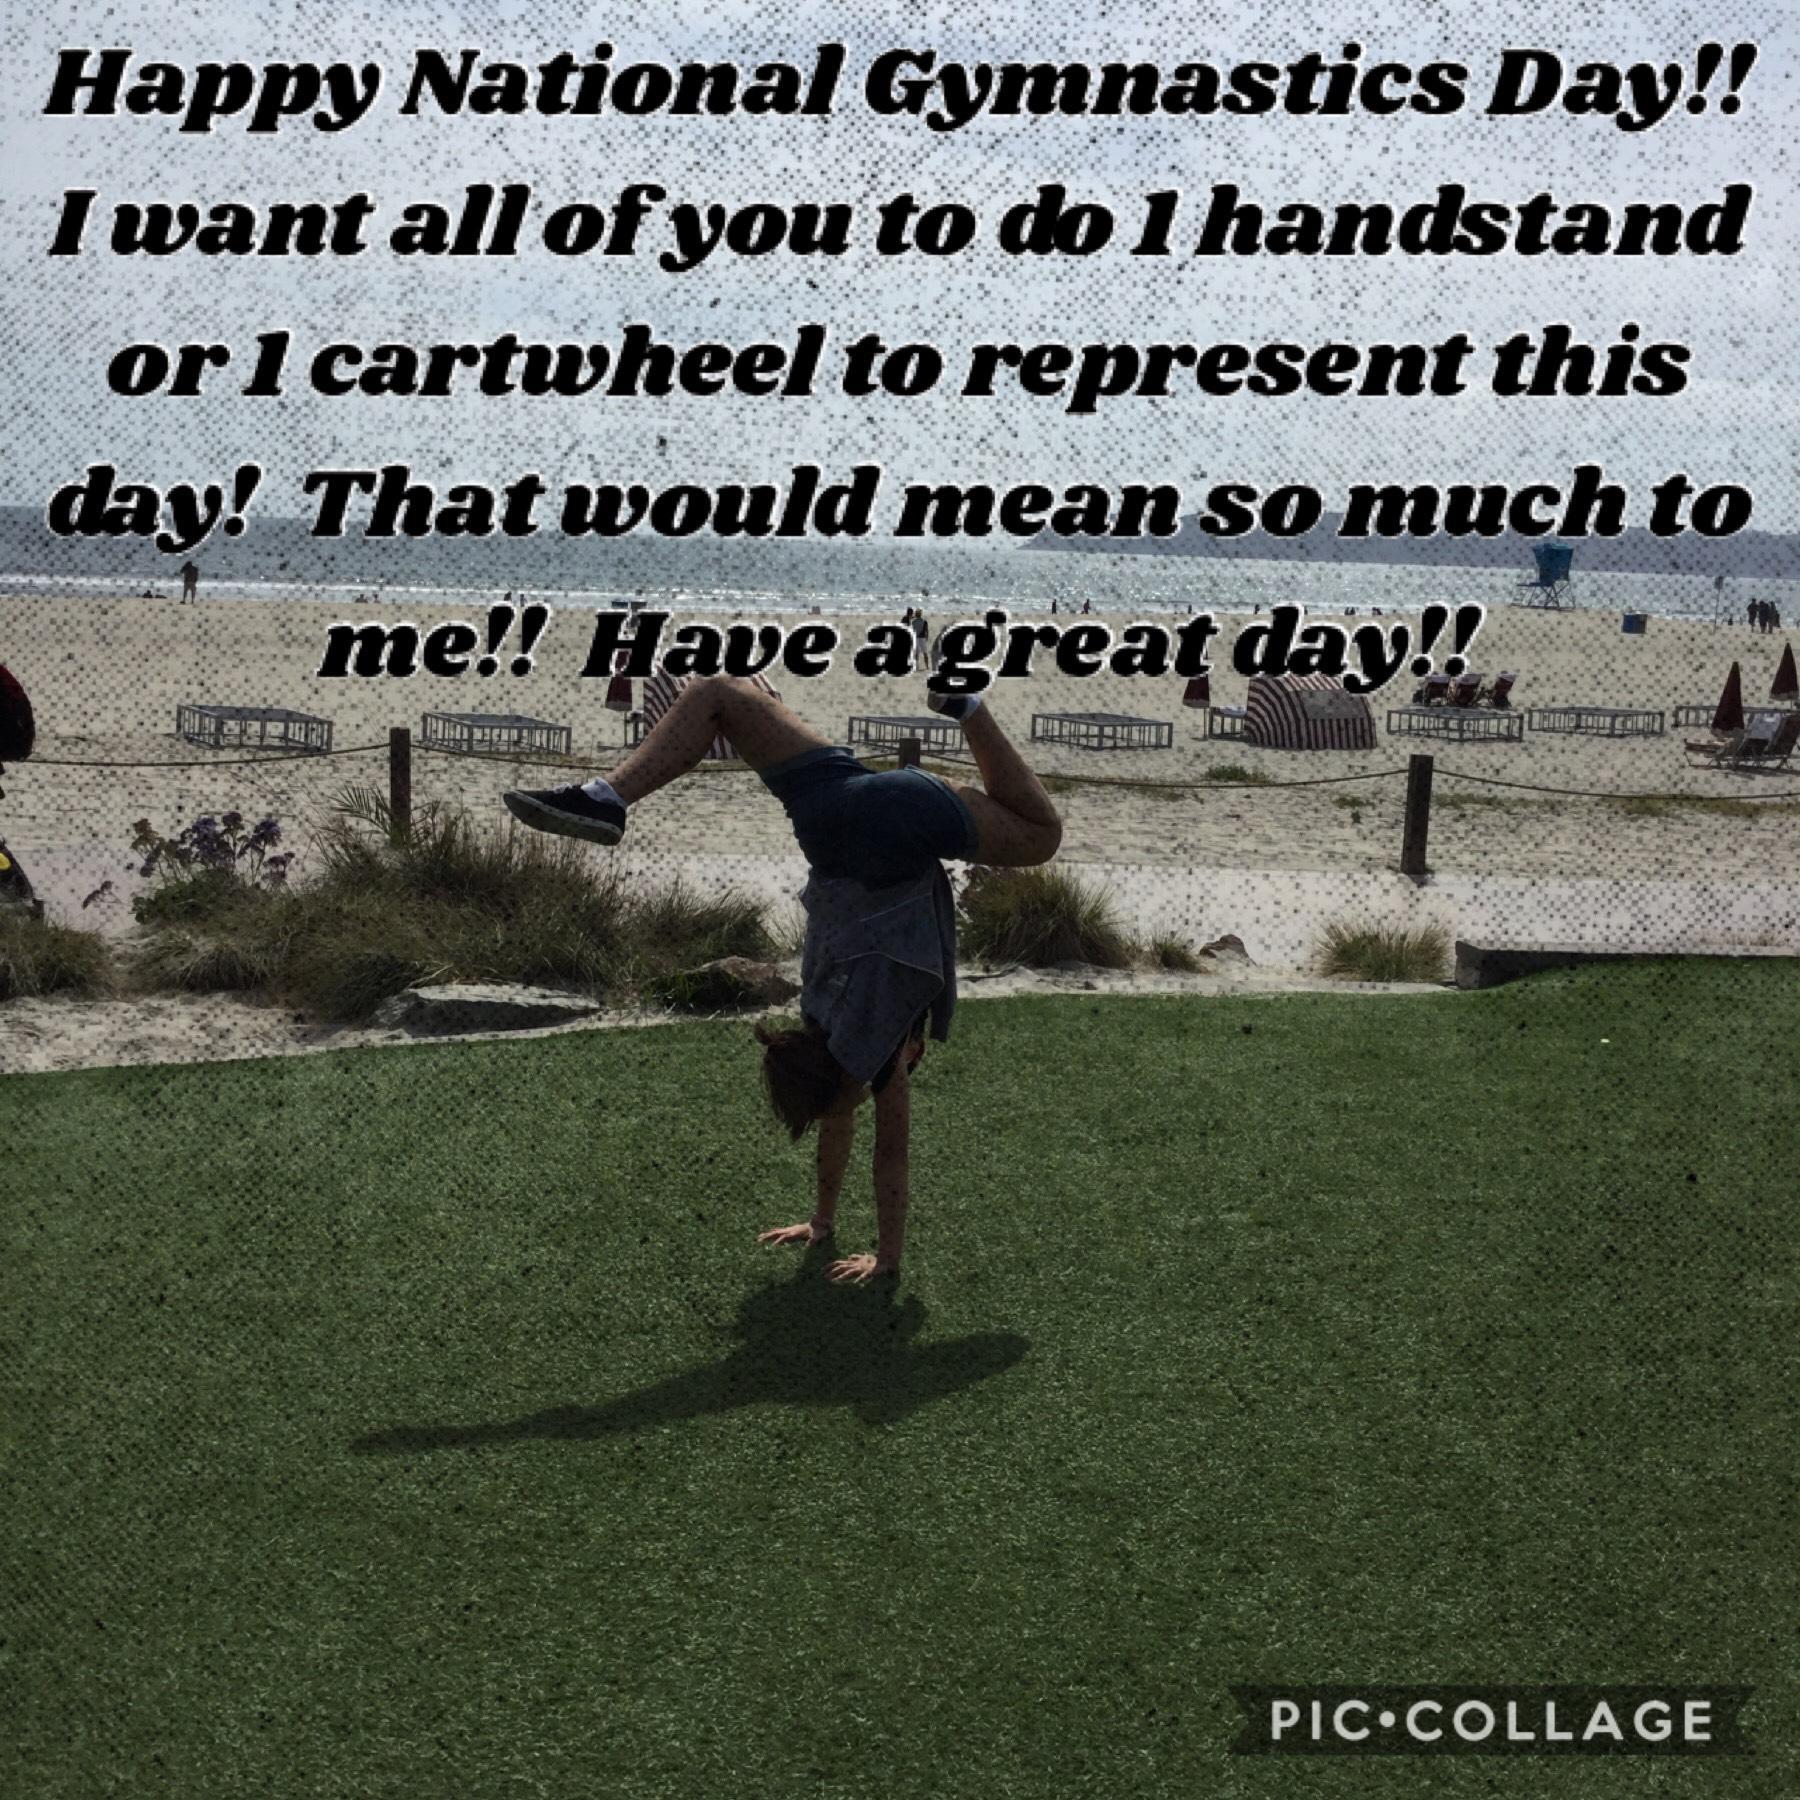 Happy National Gymnastics Day!!